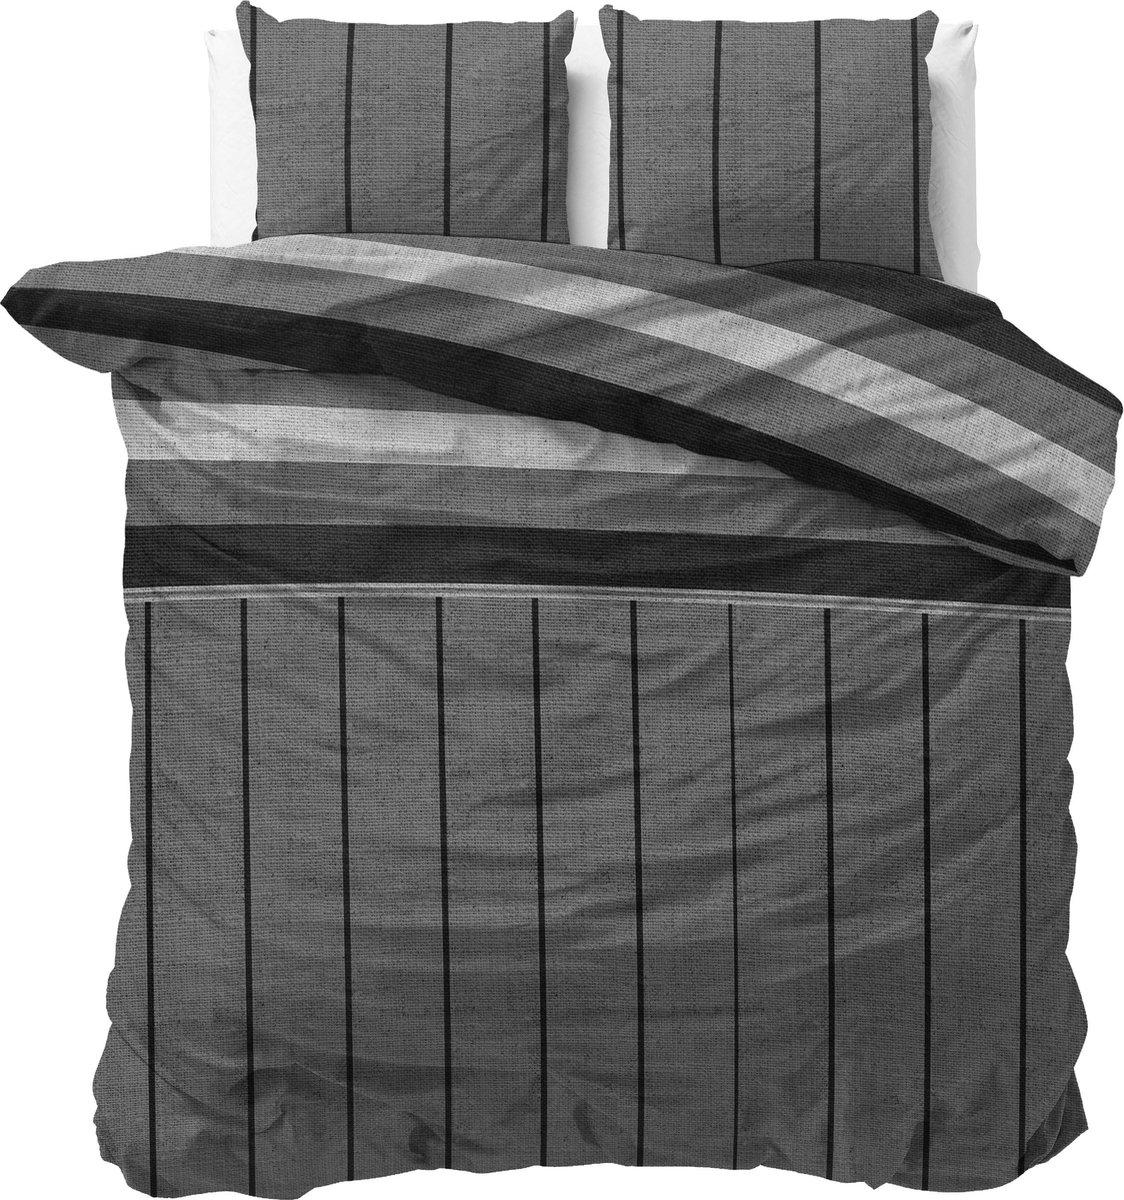 Sleeptime Katoen Kees Dekbedovertrekset - Tweepersoons - 200x200/220 + 2 kussenslopen 60x70 - Grijs